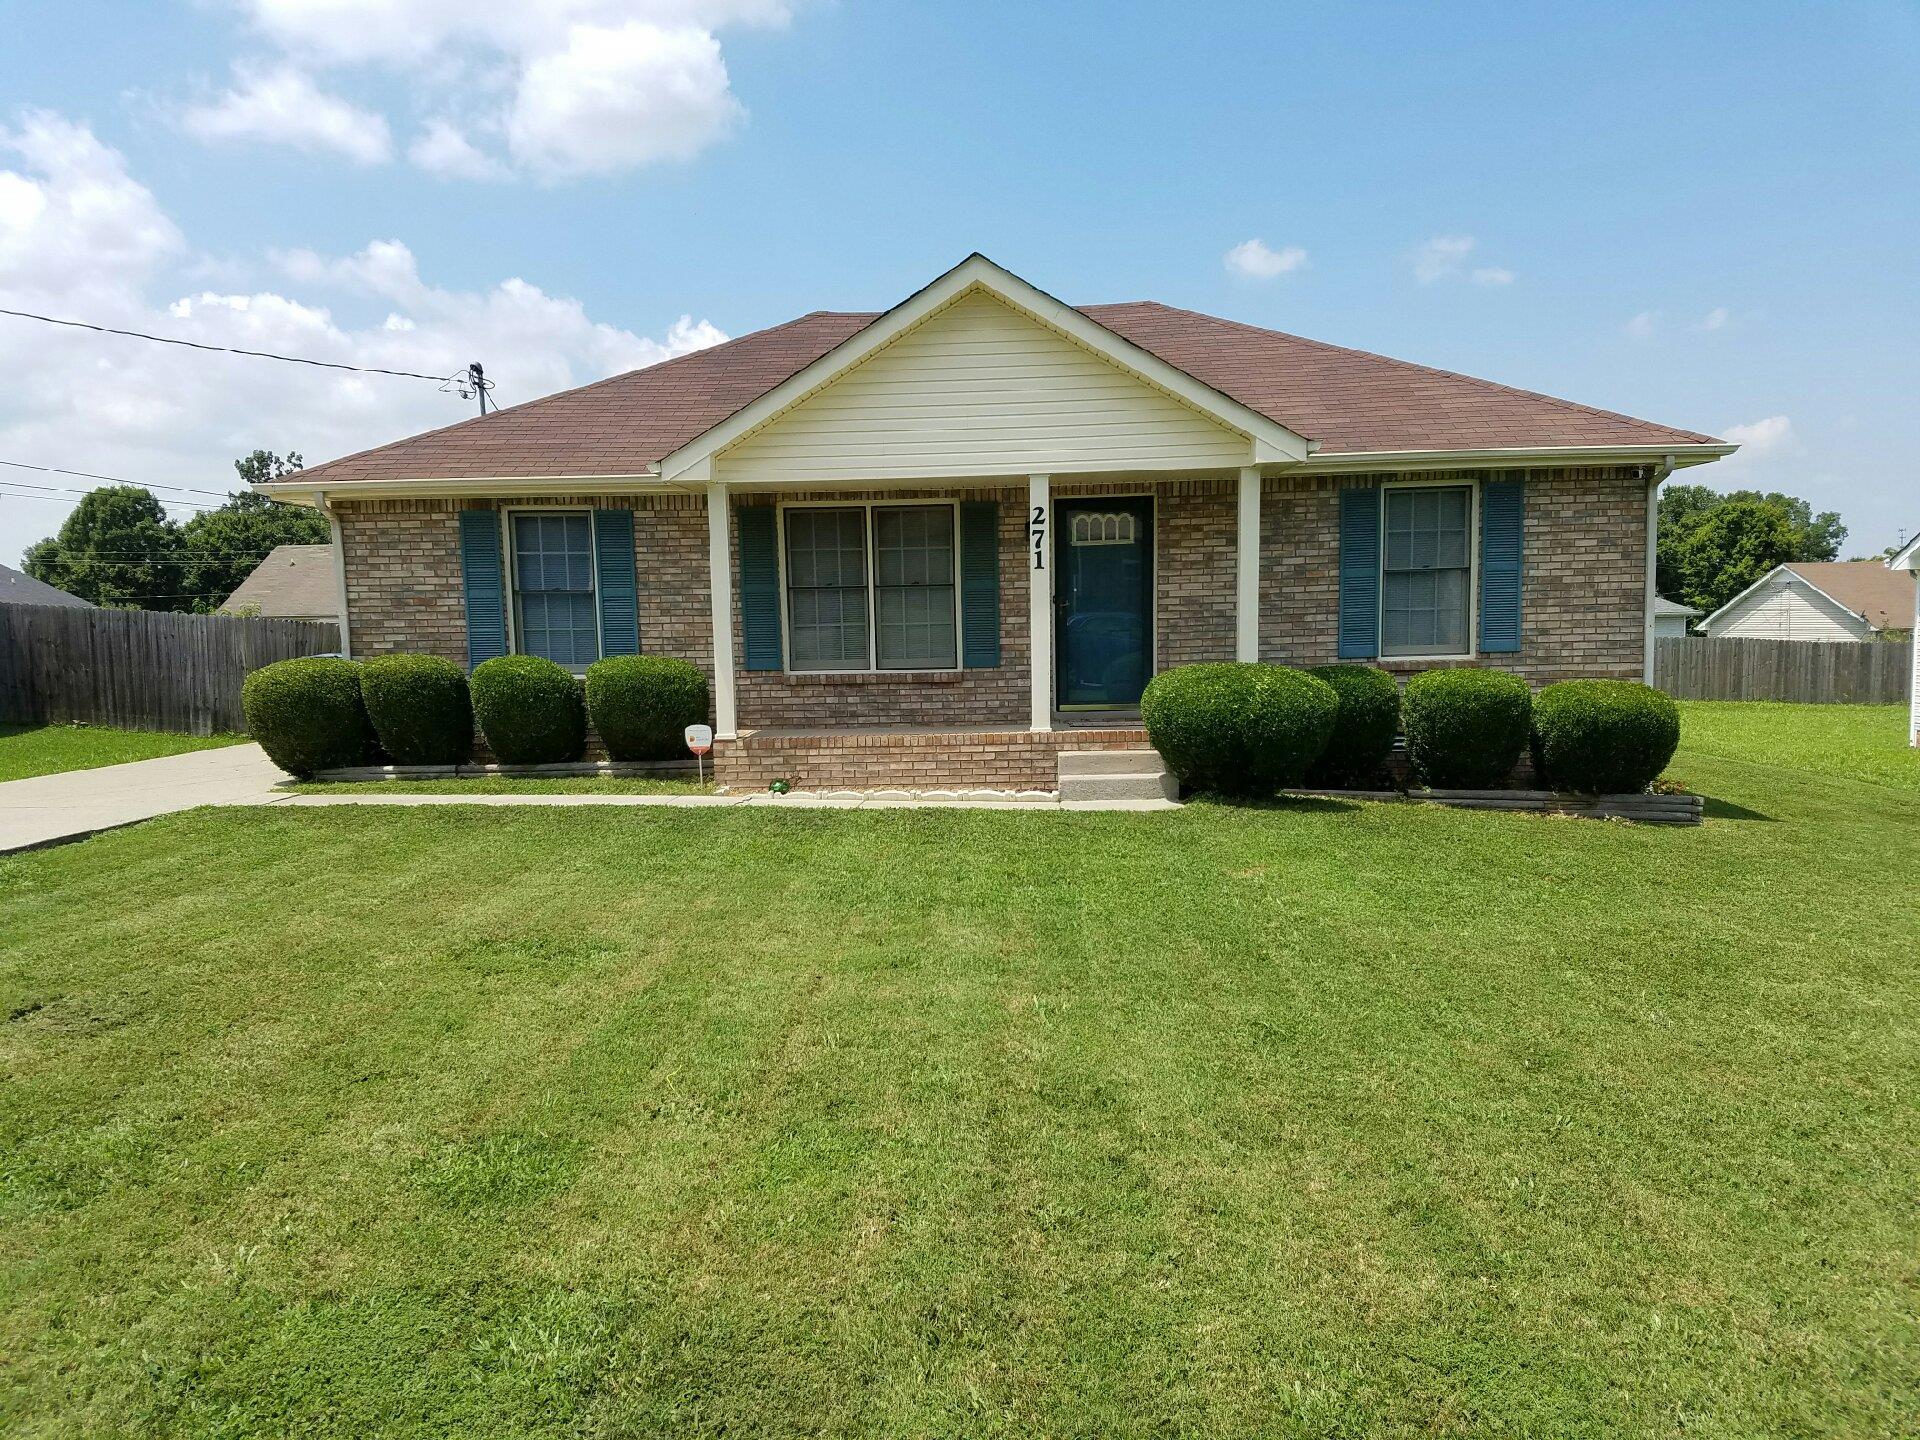 271 Moncrest Dr, Clarksville, TN 37042